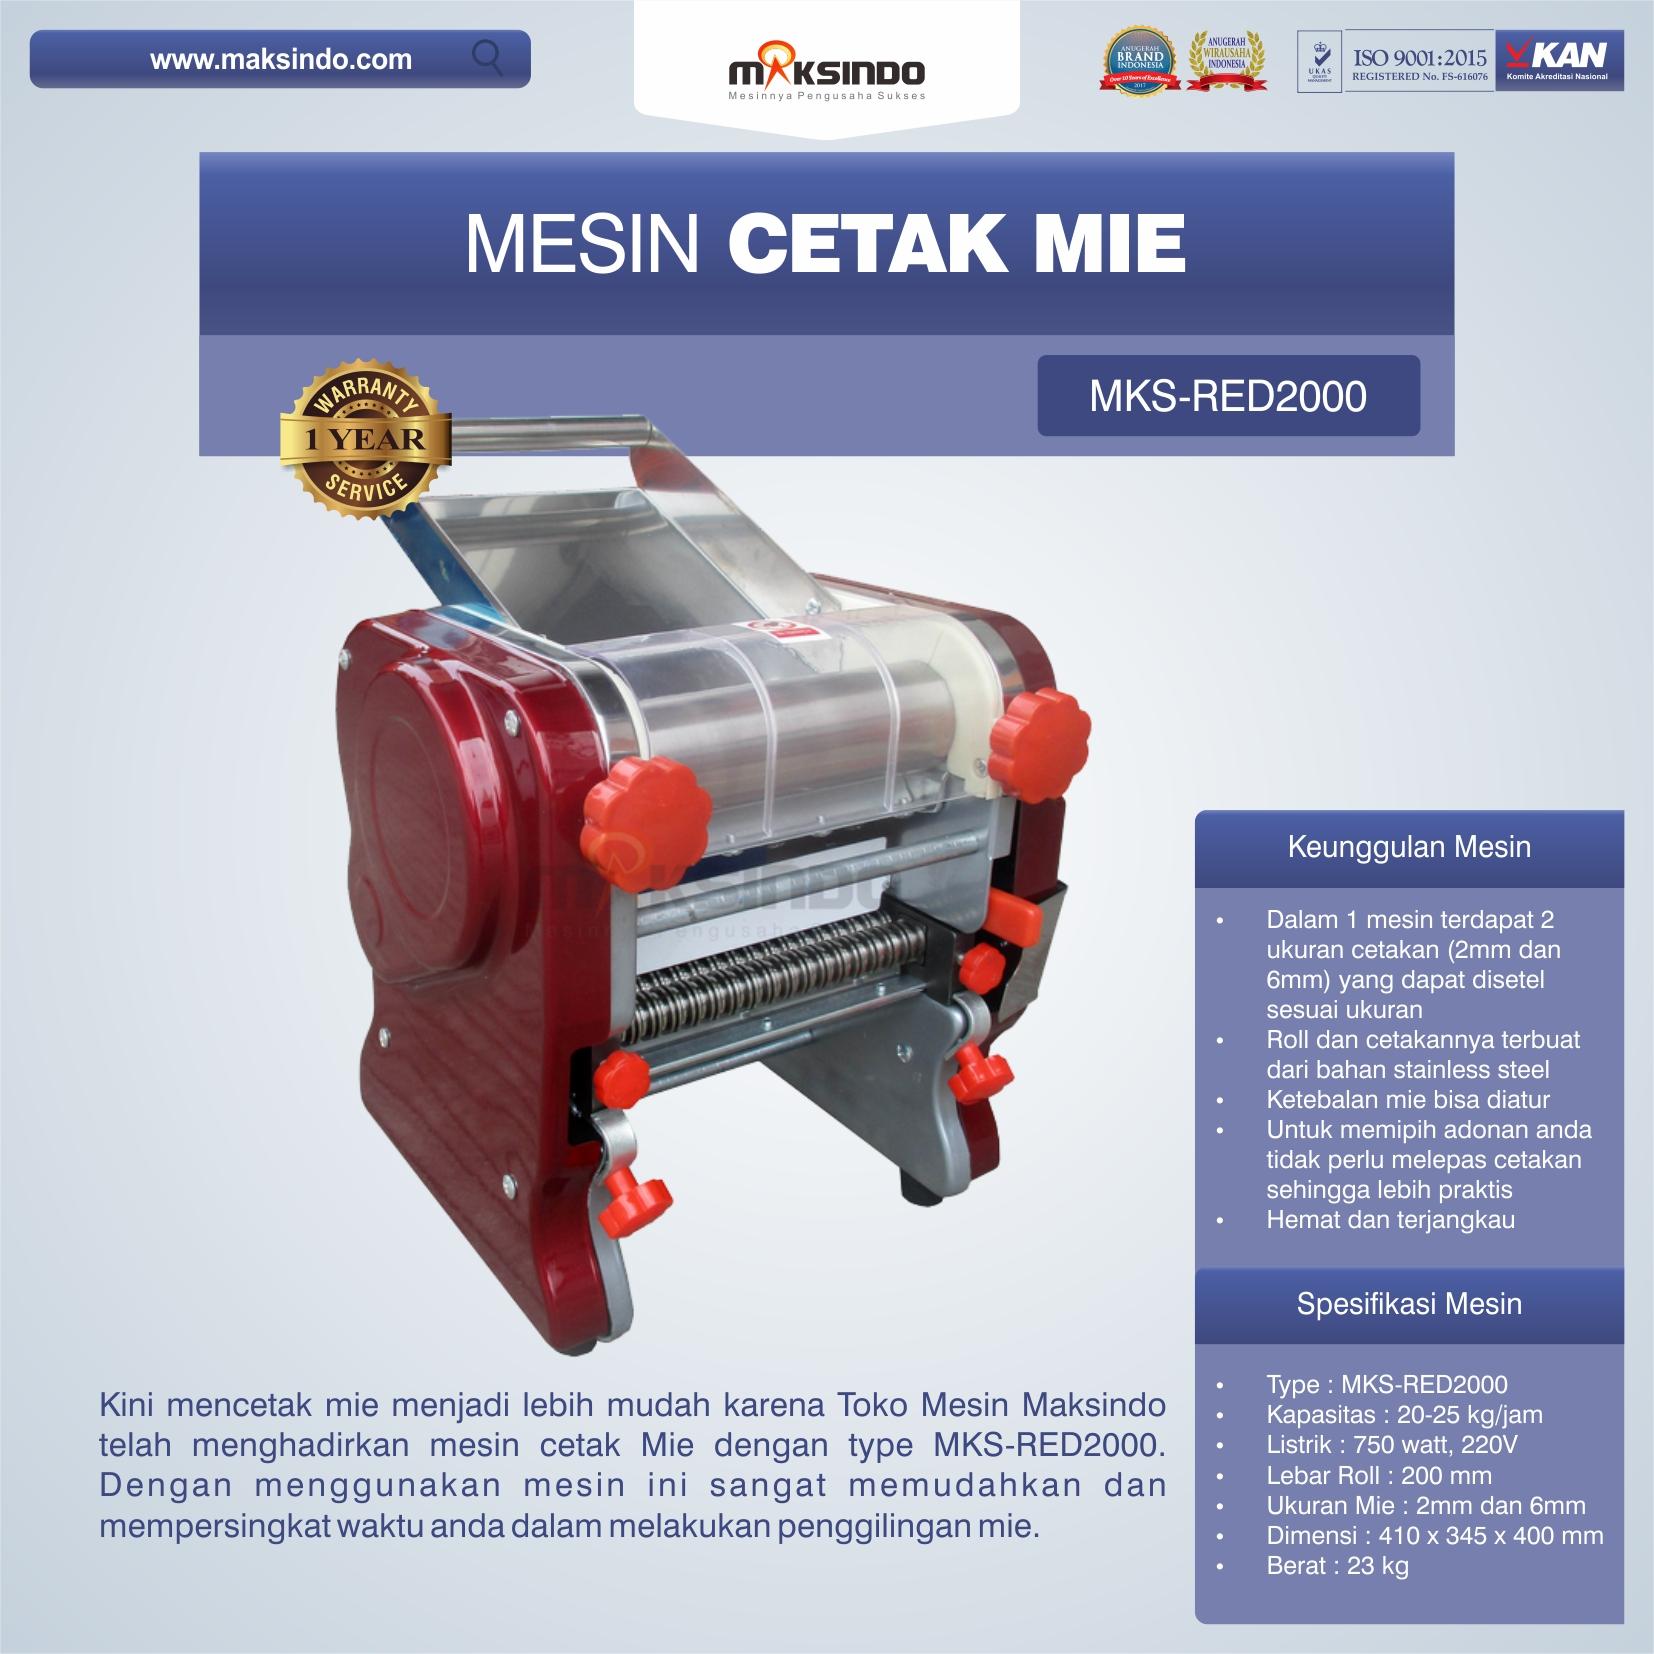 Jual Mesin Cetak Mie MKS-RED2000 di Yogyakarta